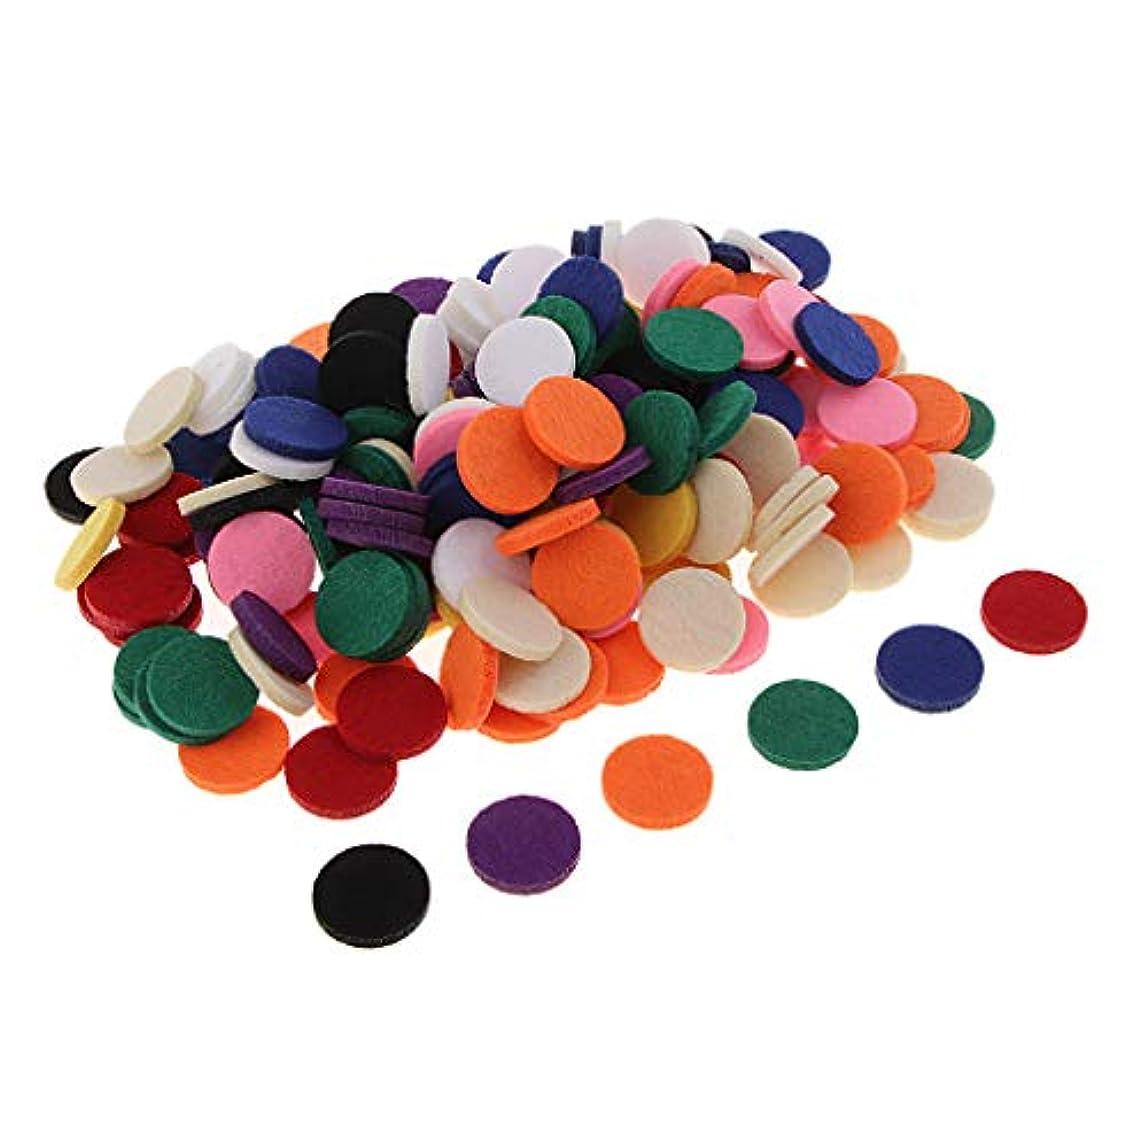 精油付き ロマテラピー用オイルパッド チェアマット 交換用 香水 精油 車 全11色 約200個入り - 混在